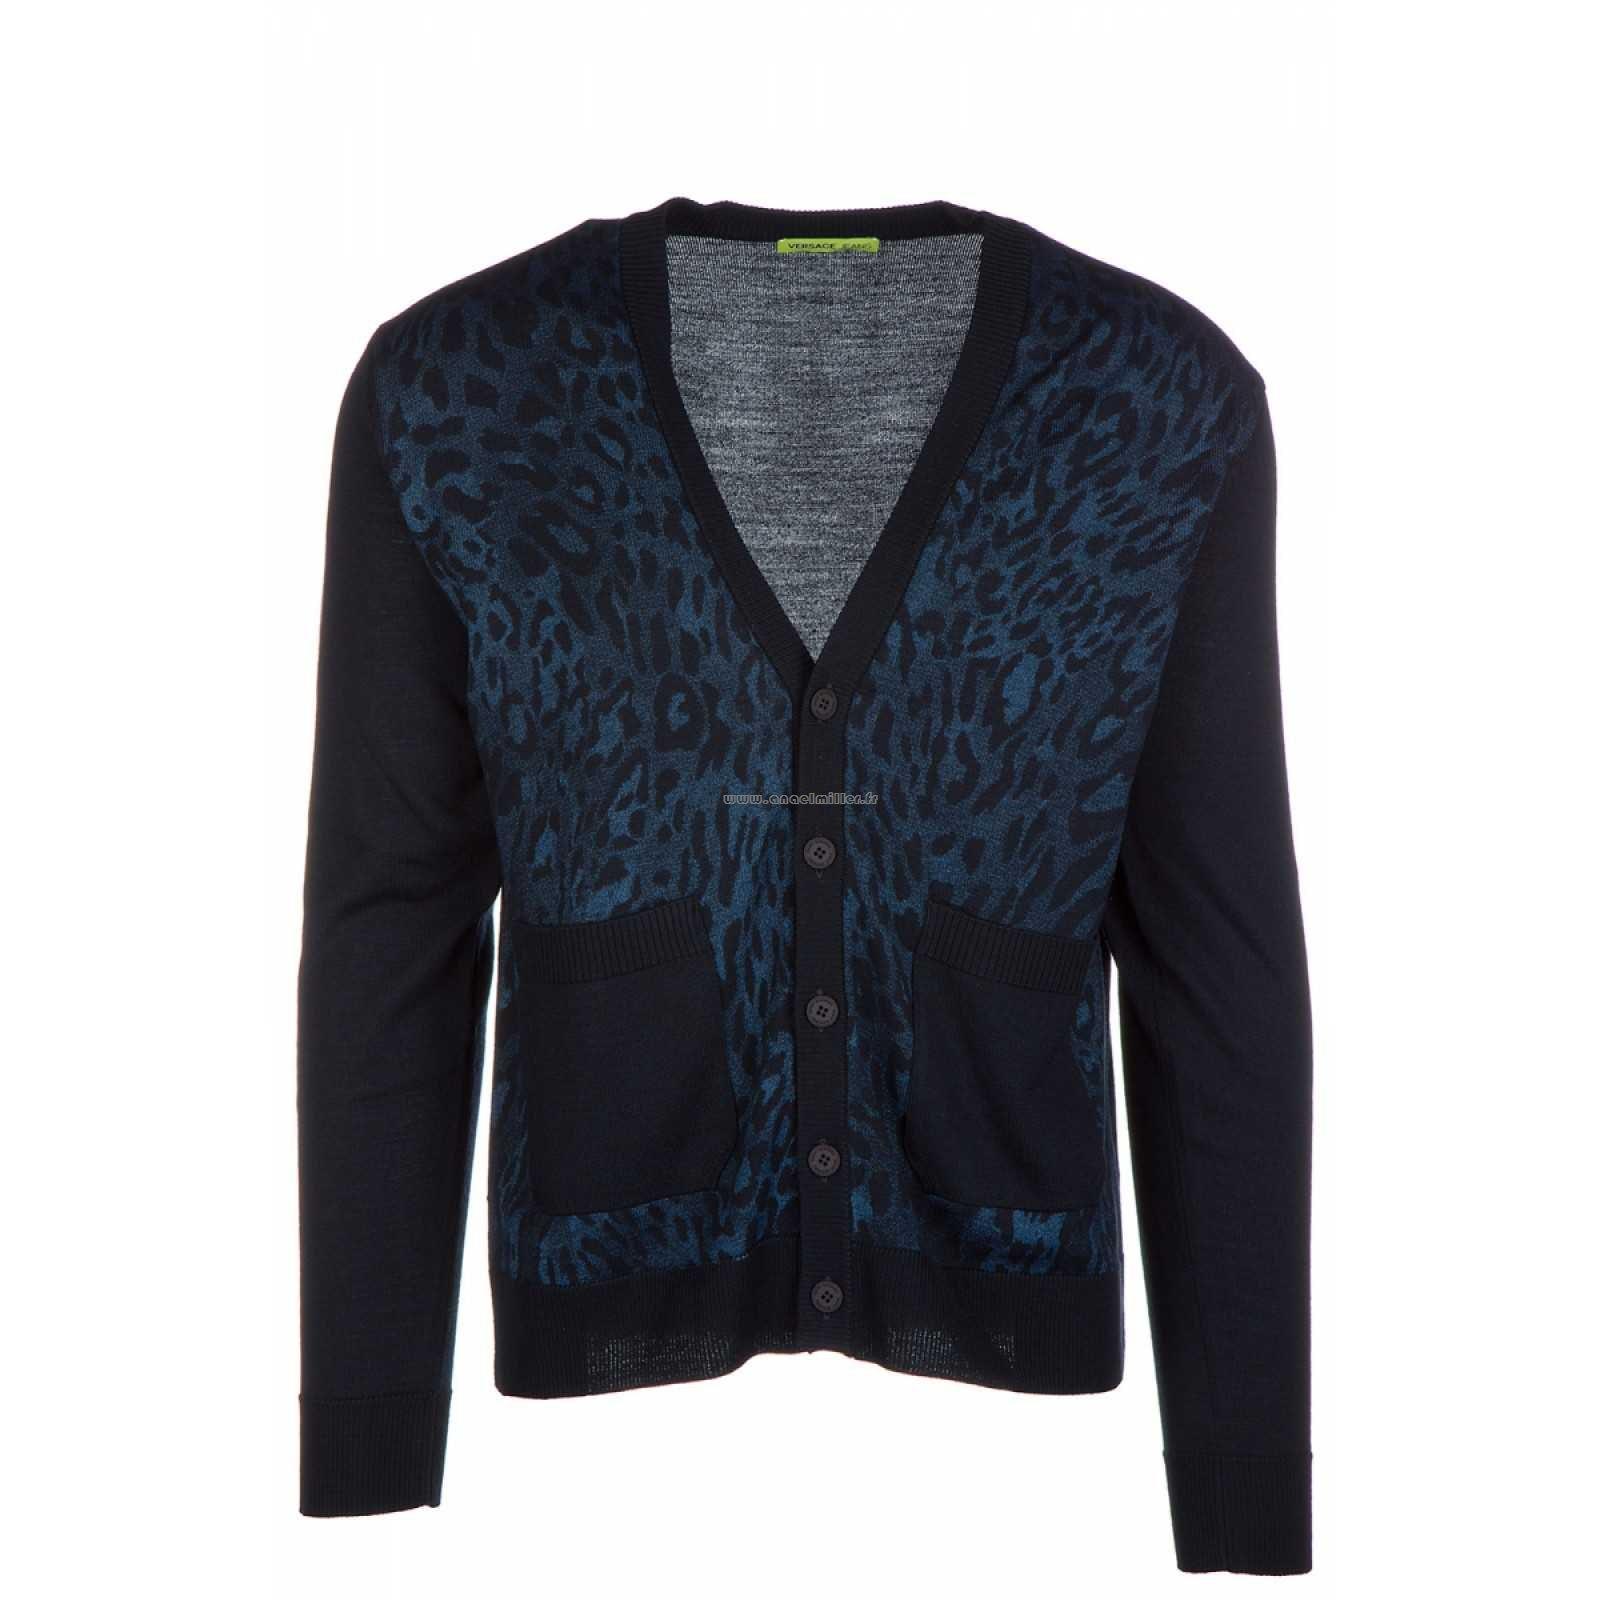 Cardigan burberry homme. bleu pétrole. m. Manteau ajusté en tweed de laine  de Donegal à chevrons Burberry Femme Noir En Soldes Burberry. 0a9e4574f72